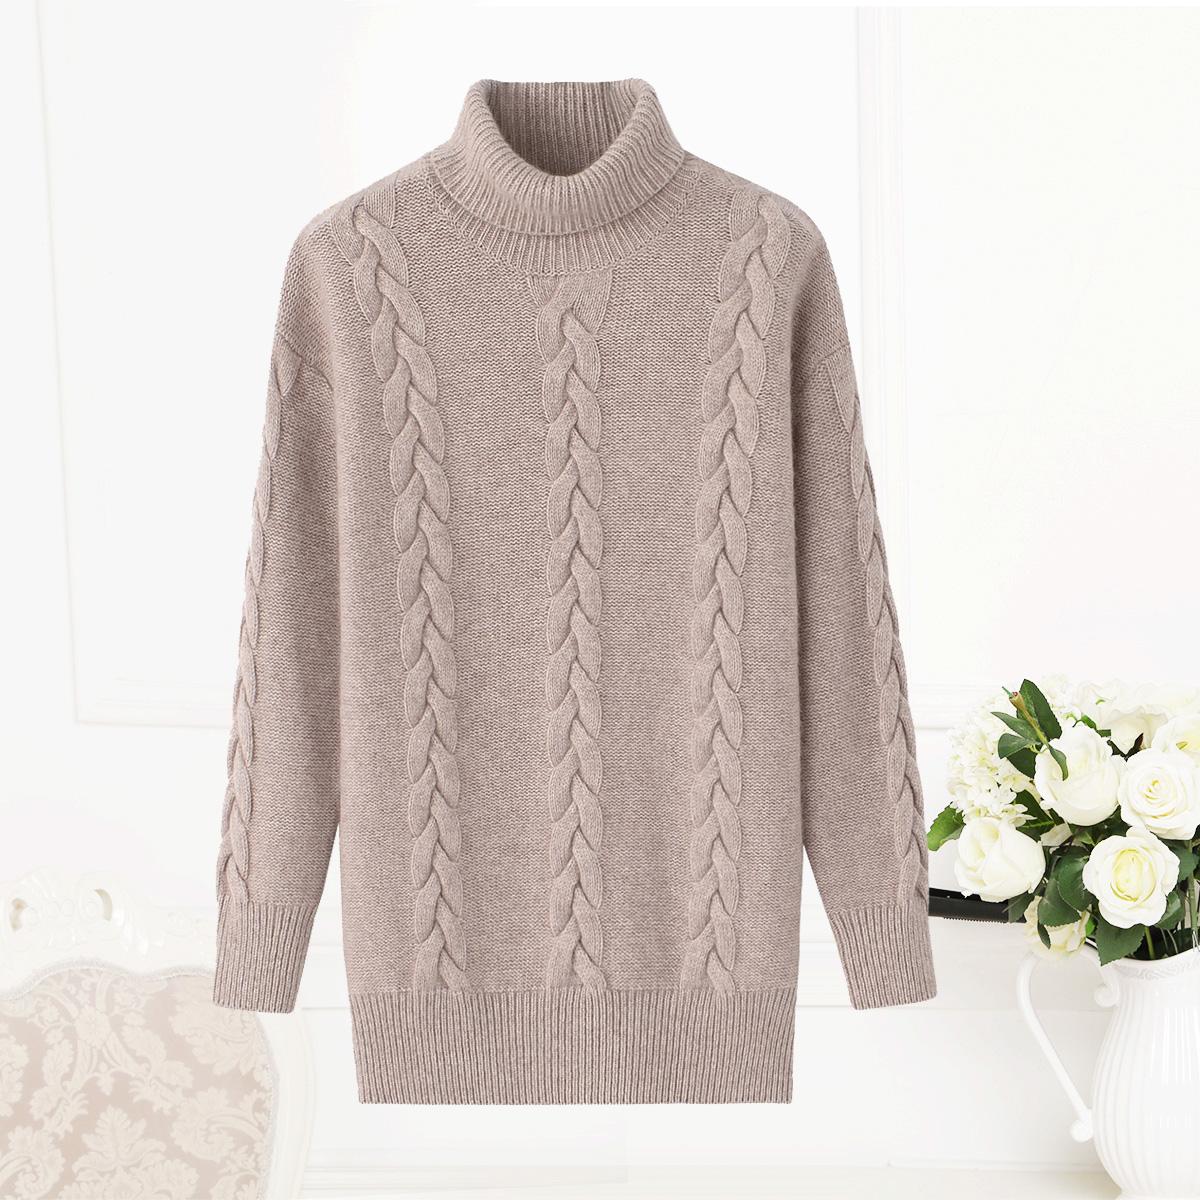 女式中长款羊绒衫高领加厚慵懒弹力秋装毛衣连衣裙韩版品牌打底衫